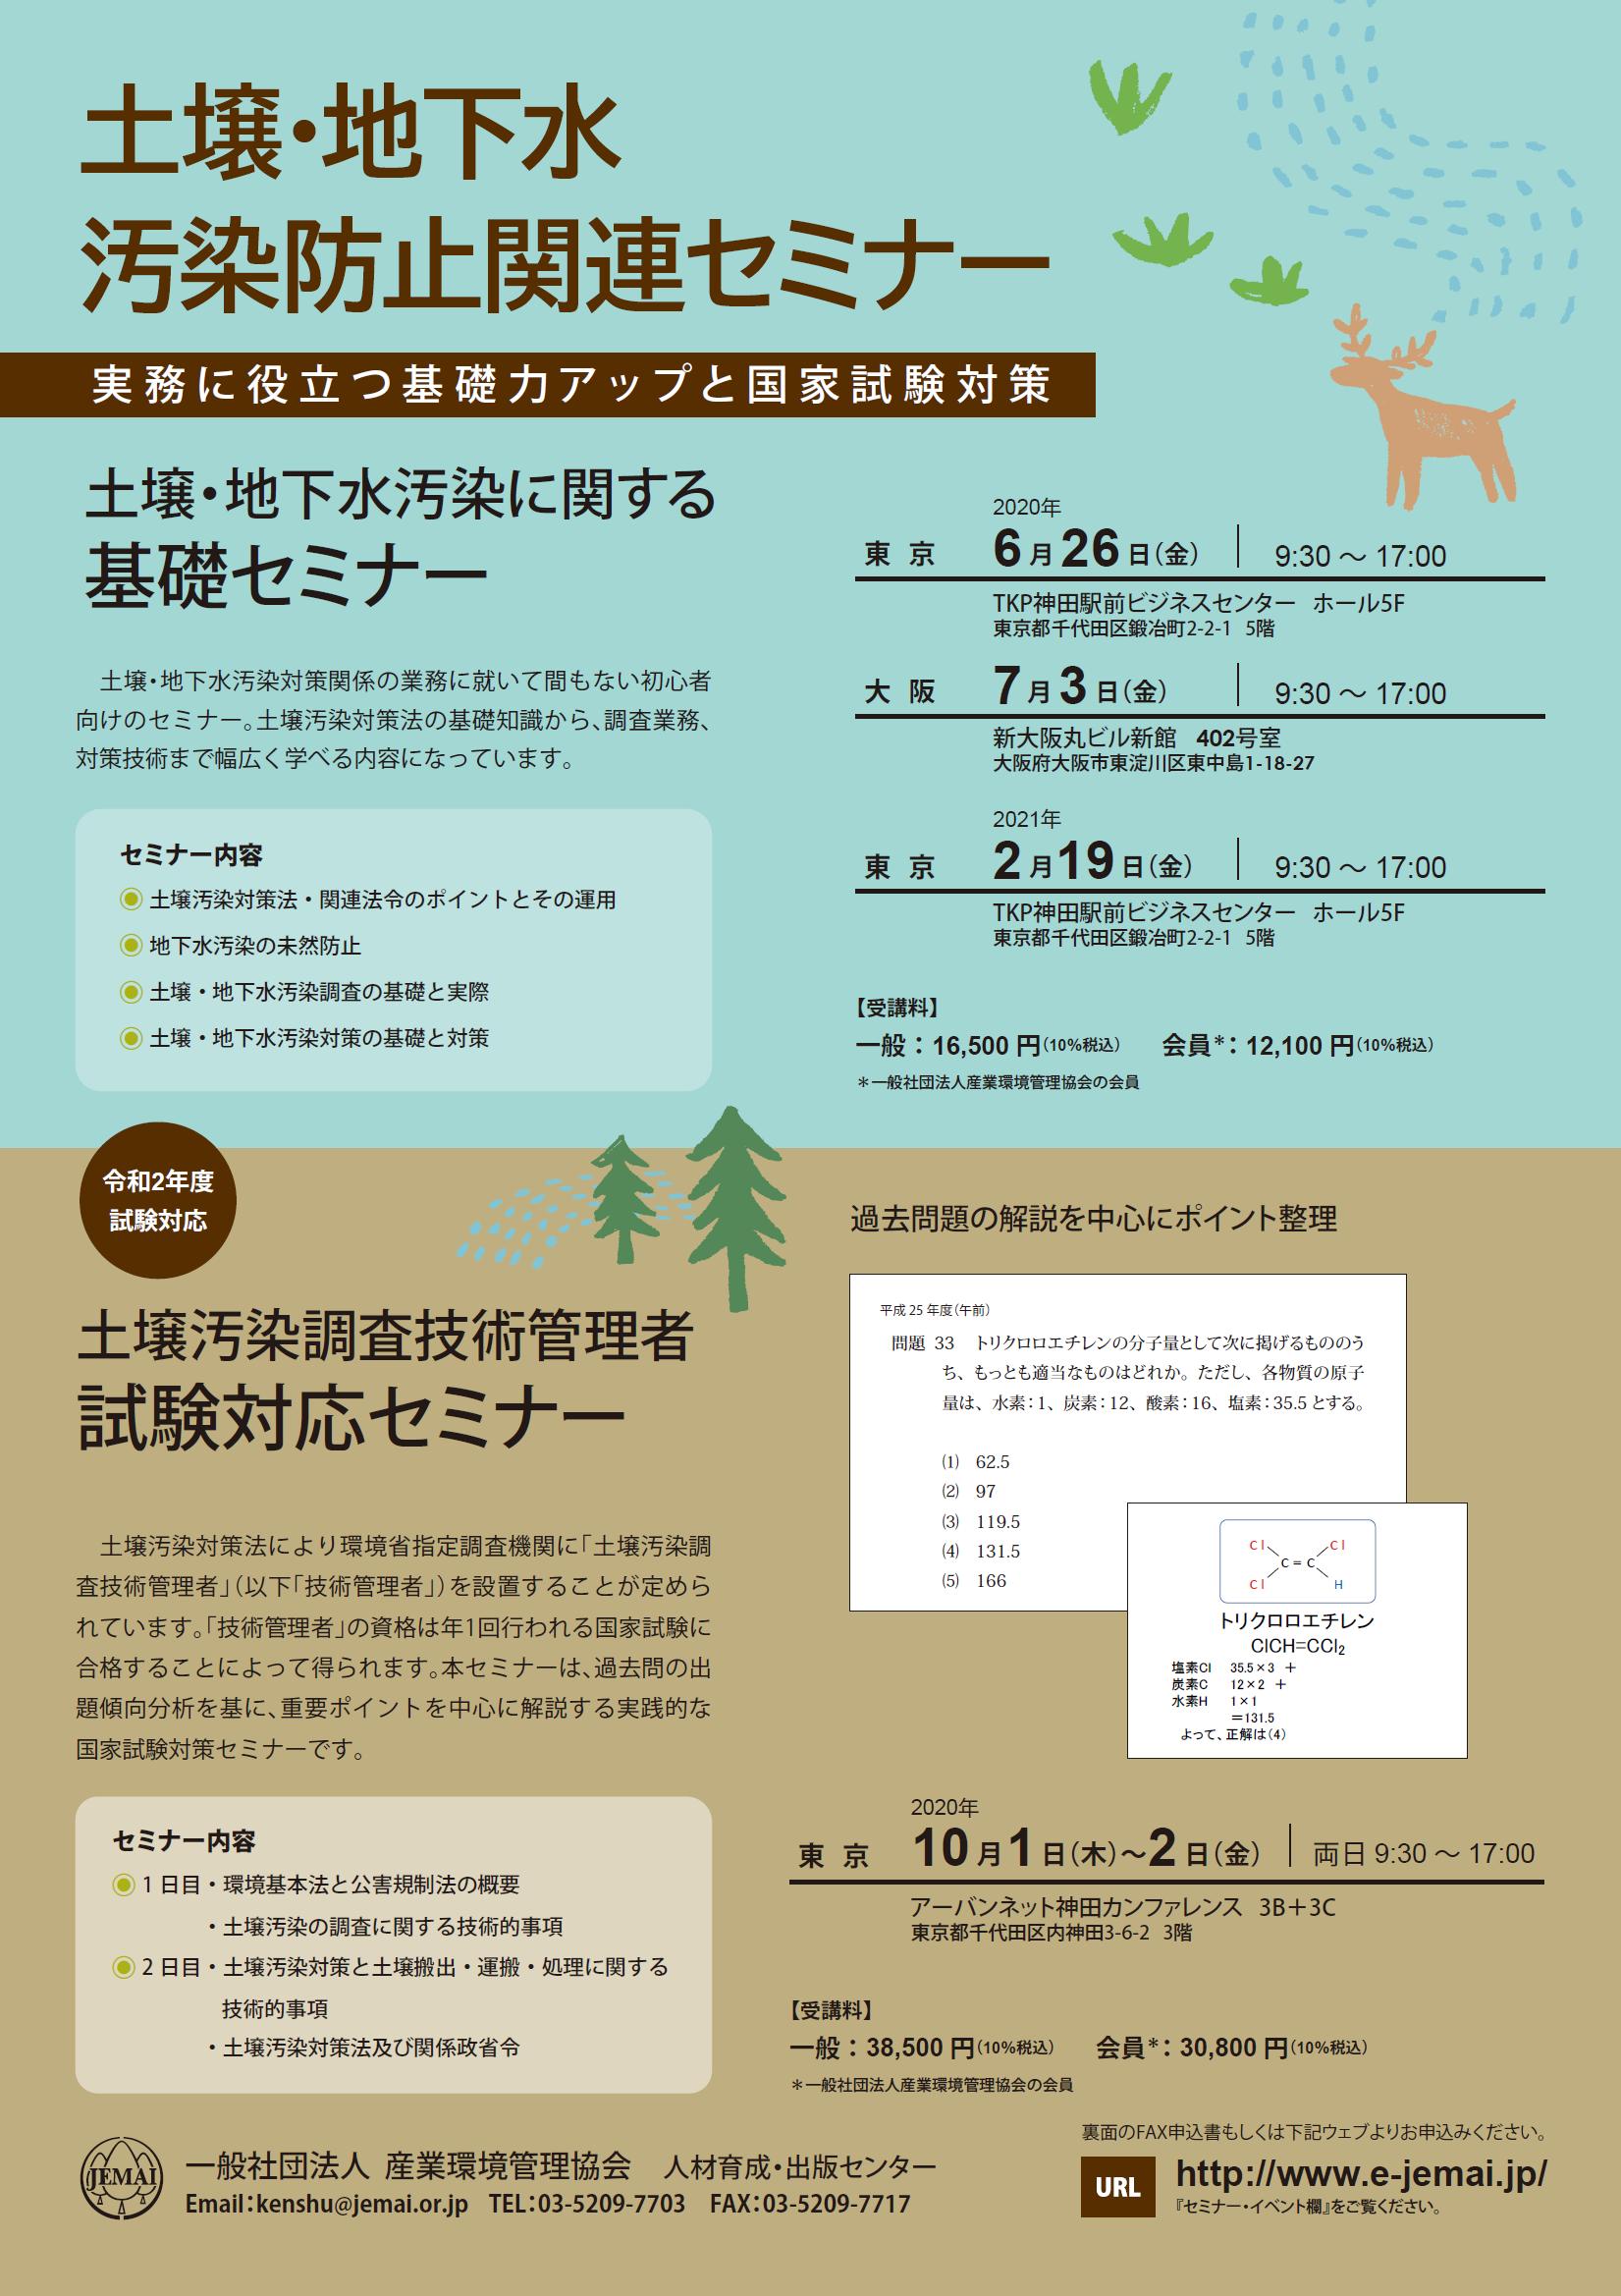 dojo2020_leaflet_thumb1.png